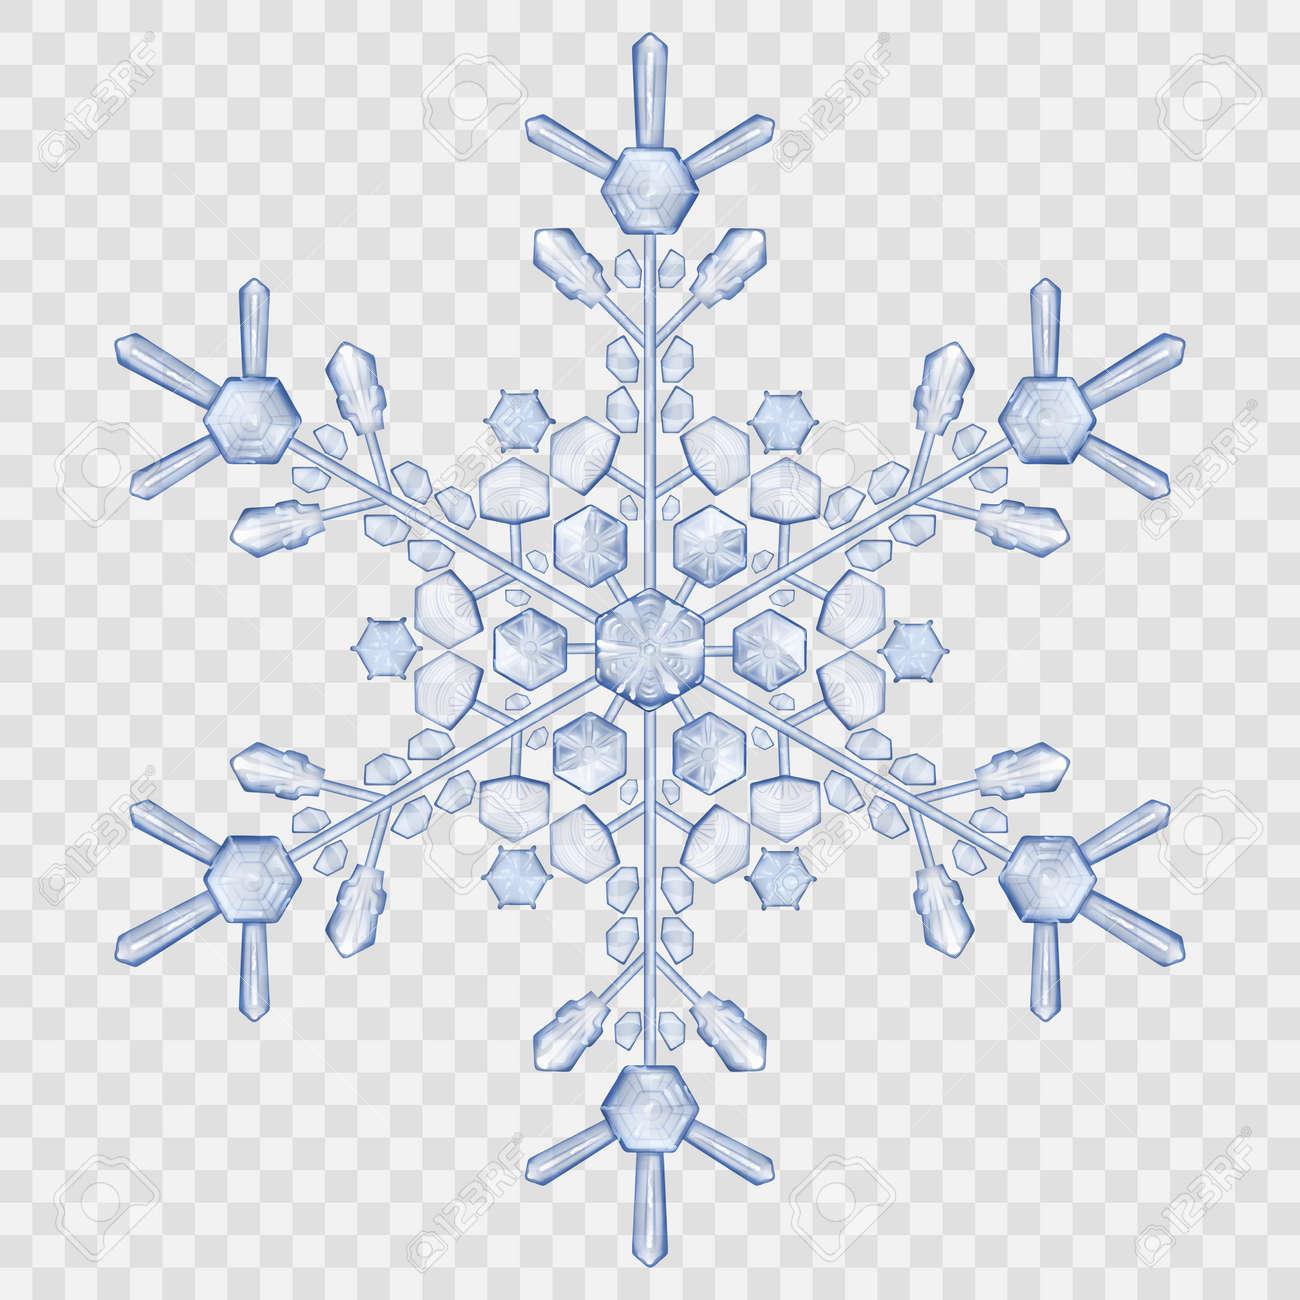 Grandes Copos De Nieve De Cristal Translúcido En Colores Azules ...